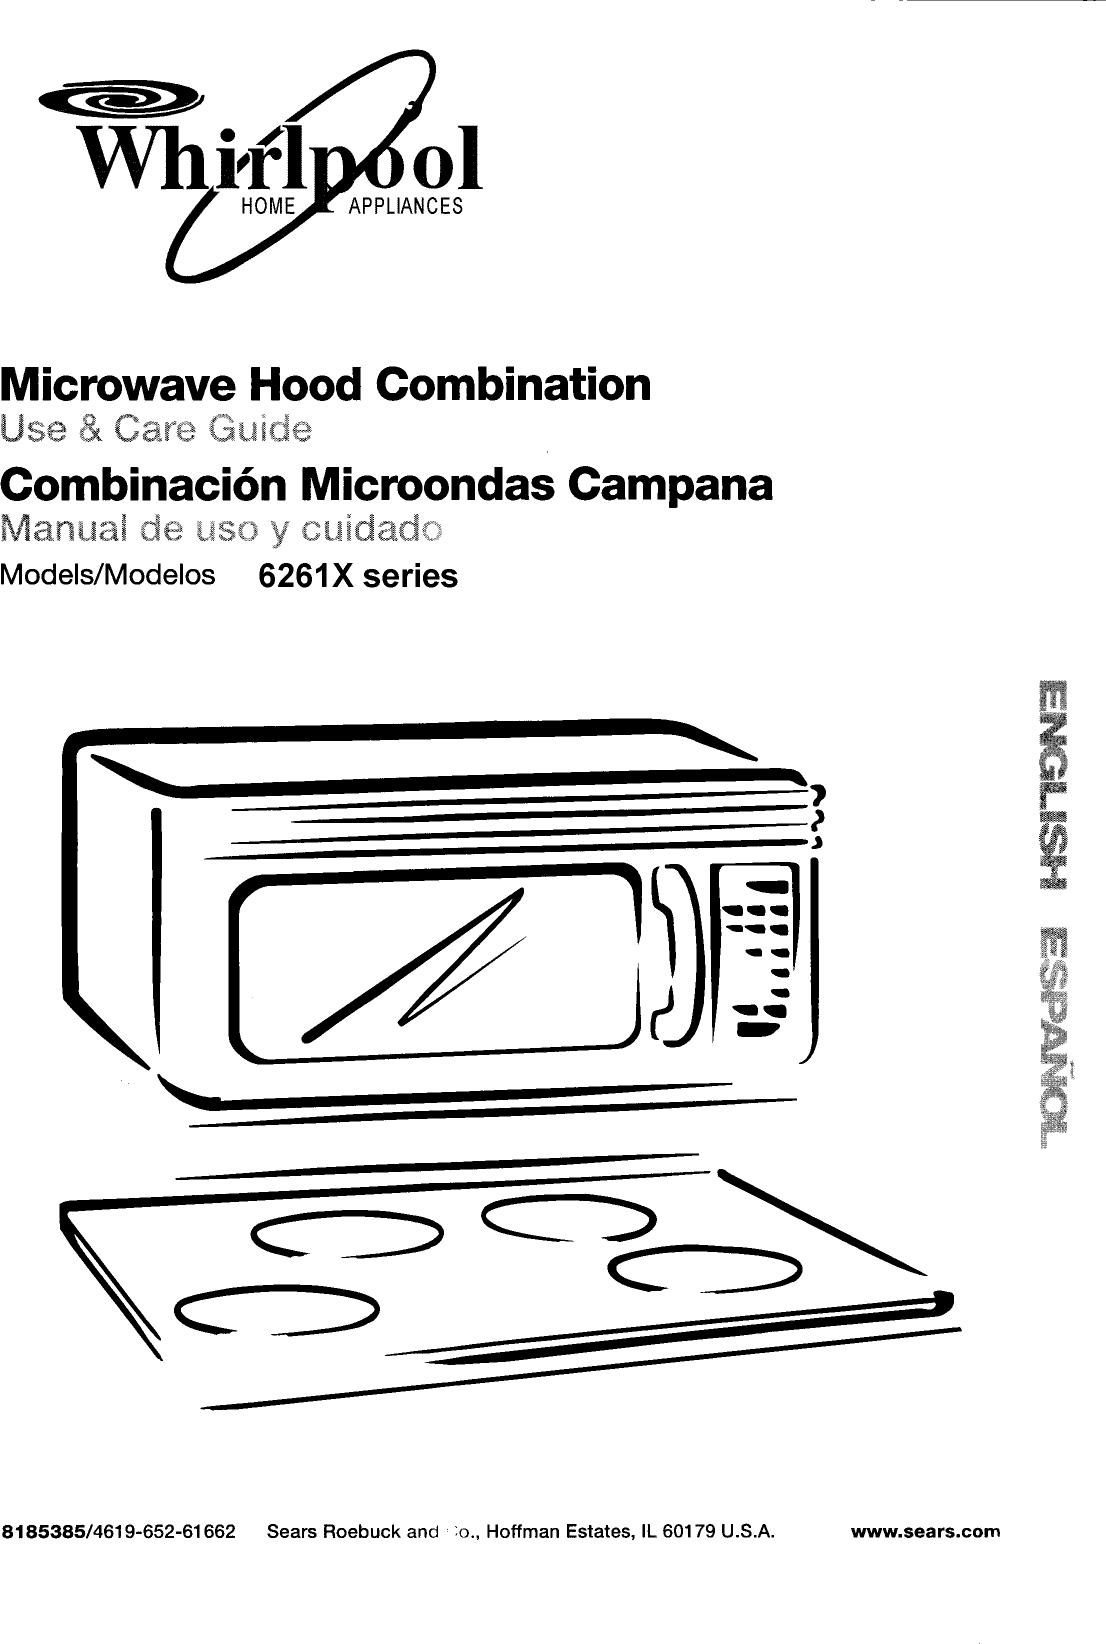 Sears Whirlpool MicrowaveBestMicrowave